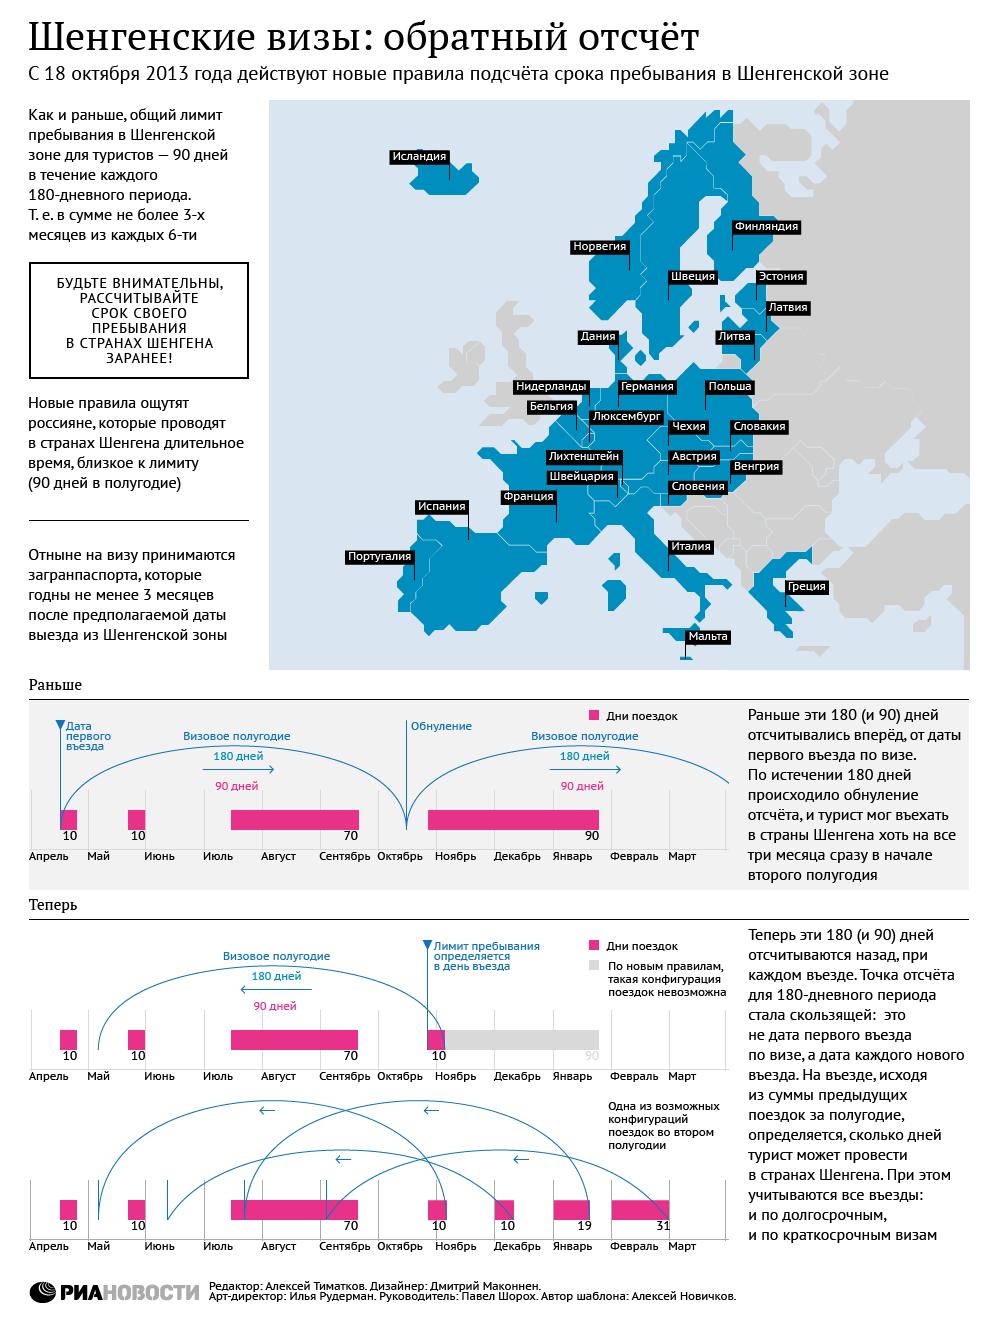 Шенгенские визы: обратный отсчет